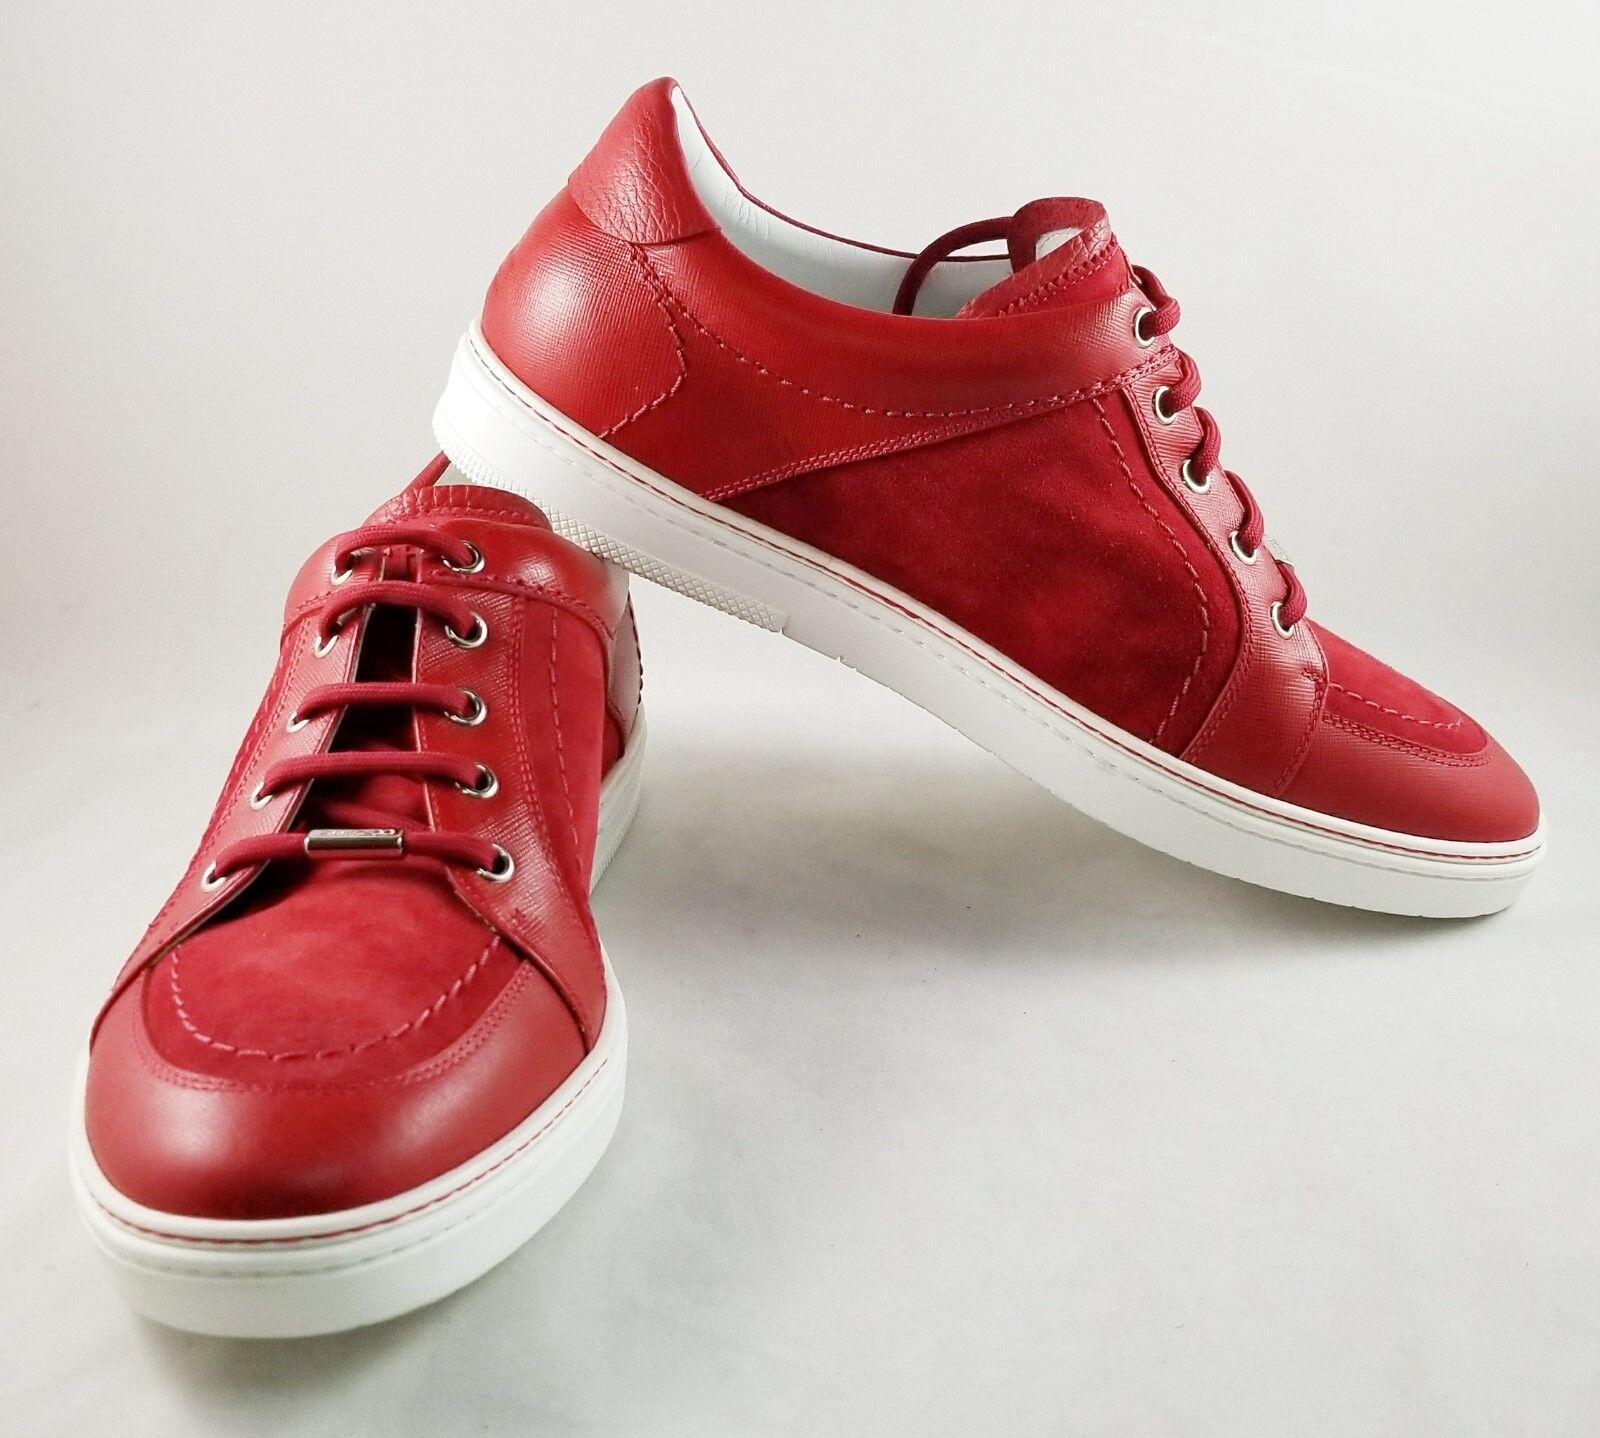 Jimmy Choo, cuero rojo masculino y zapatillas de cuero pelado.